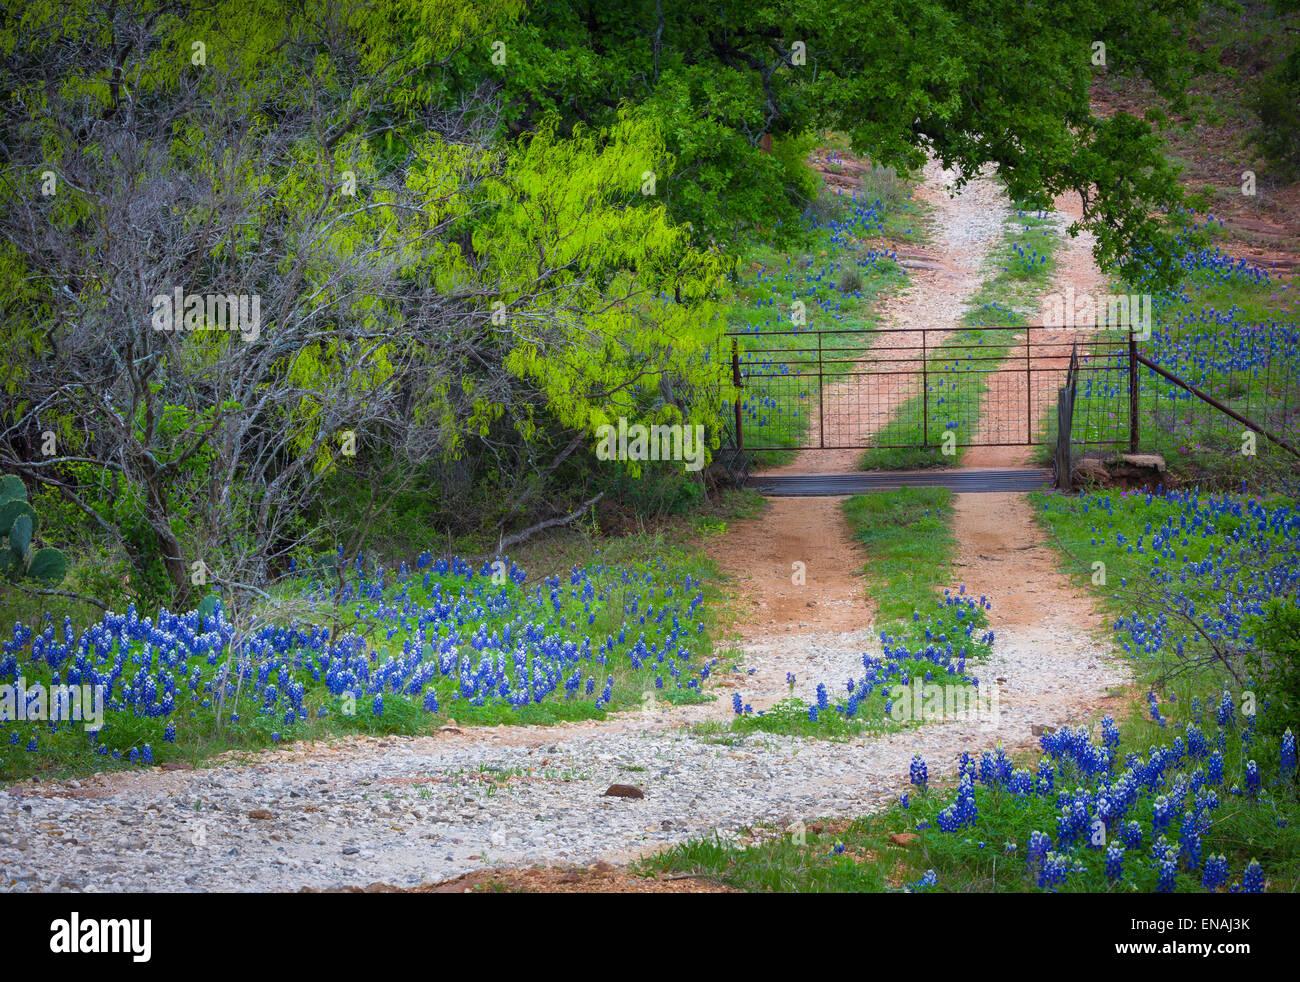 Kleine Kies Straße Linien mit Kornblumen, in der Nähe von Willow Stadt in Texas Hill Country Stockbild